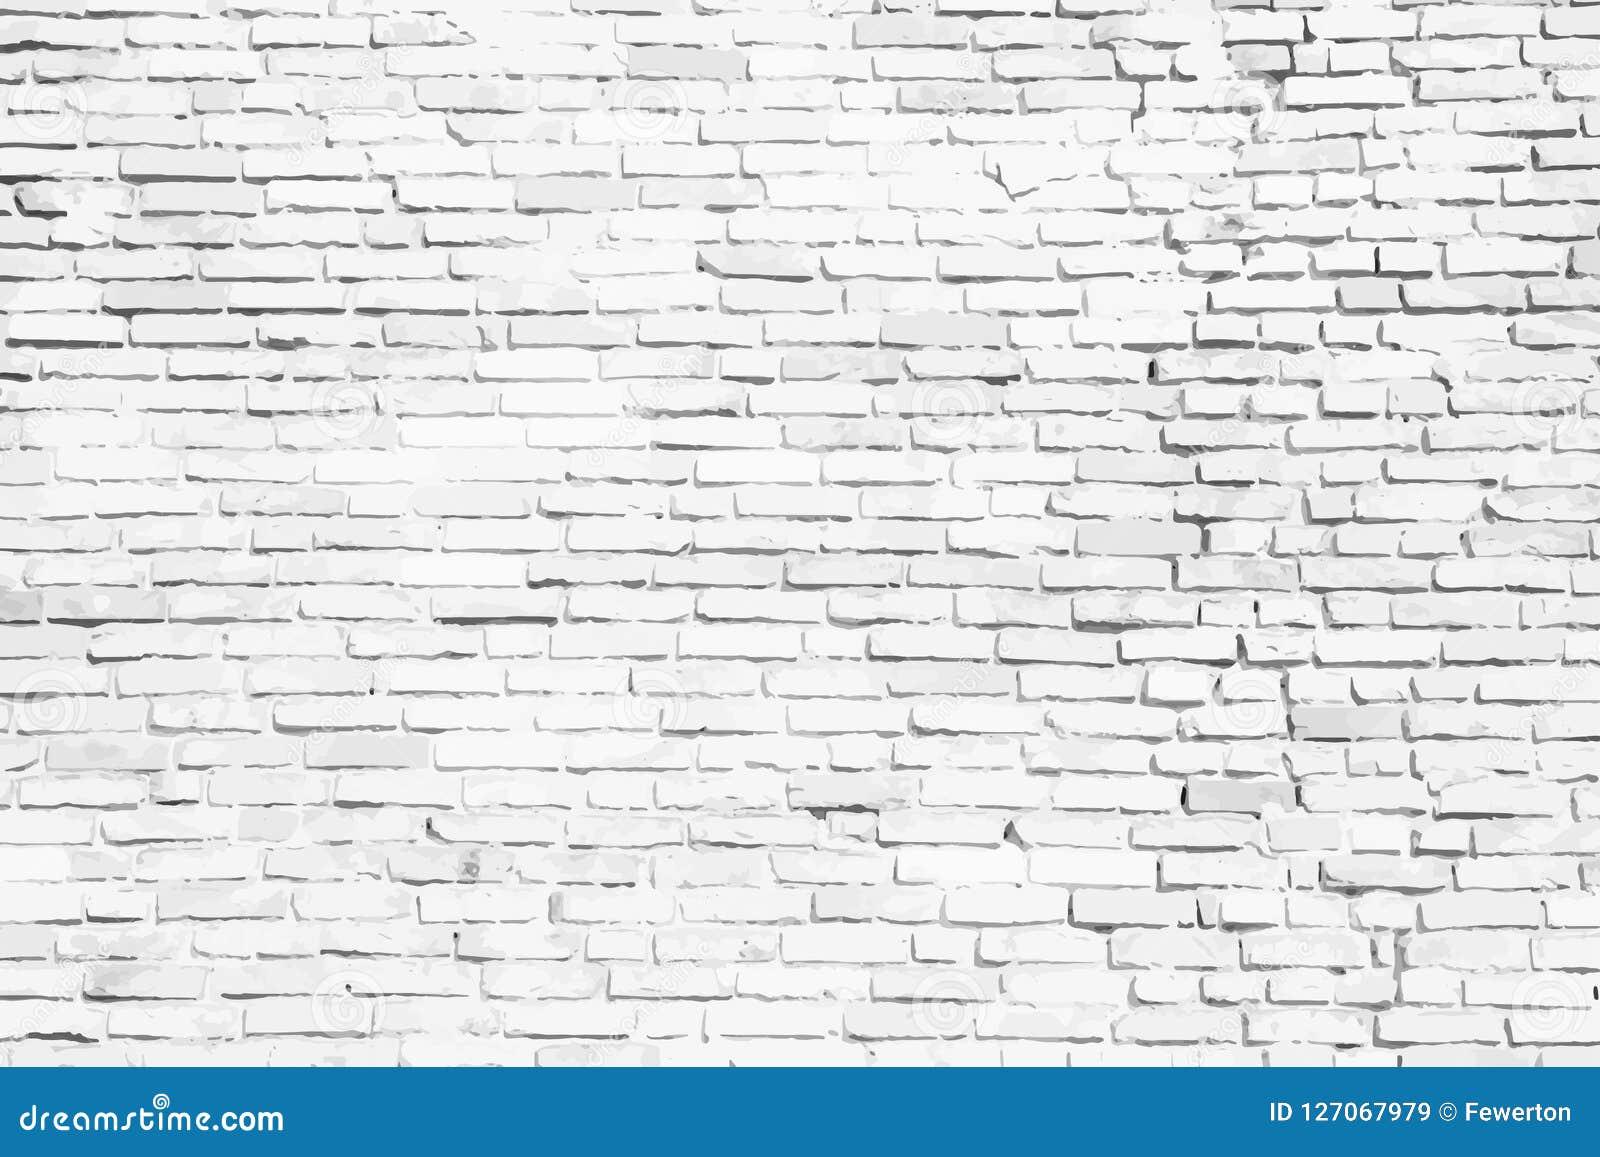 Eenvoudige witte en grijze bakstenen muur als naadloze de textuurachtergrond van het oppervlaktepatroon als vectorillustratie